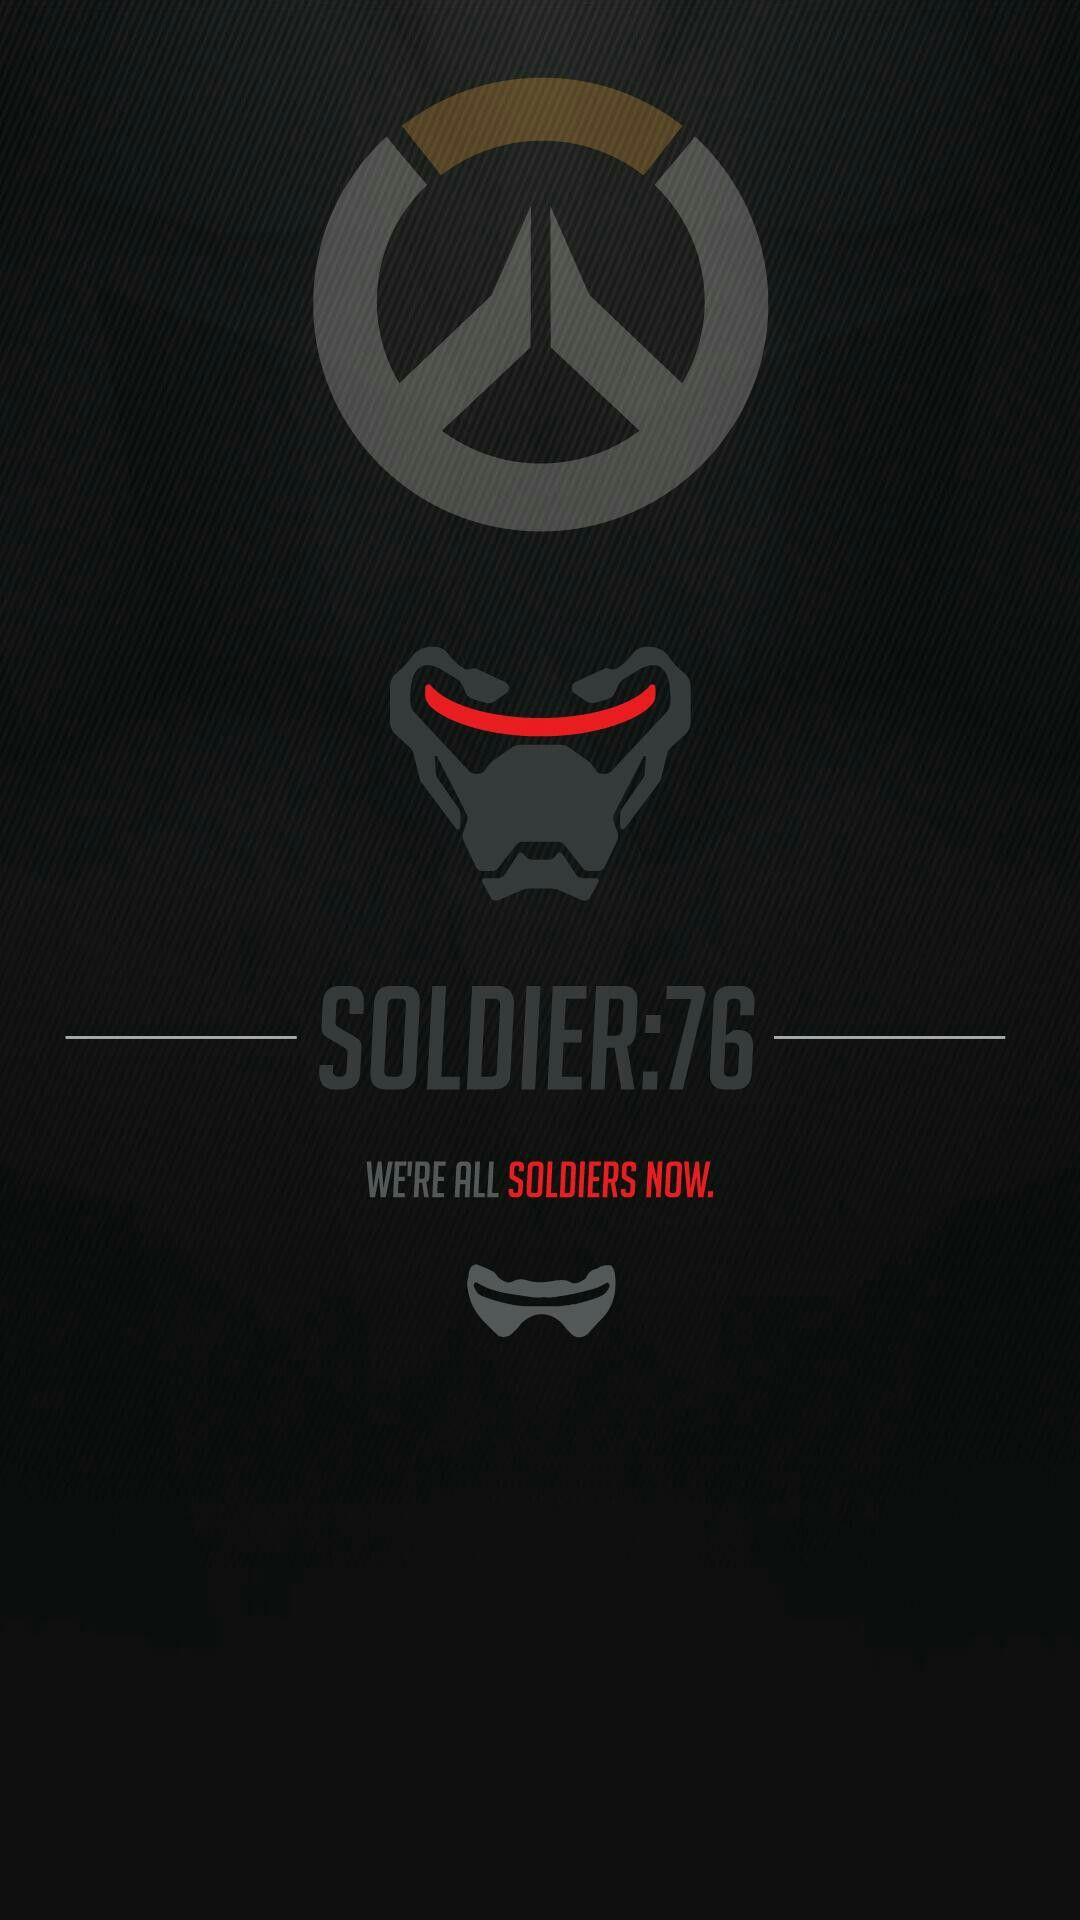 Soldier 76 | Everything Overwatch | Overwatch, Overwatch